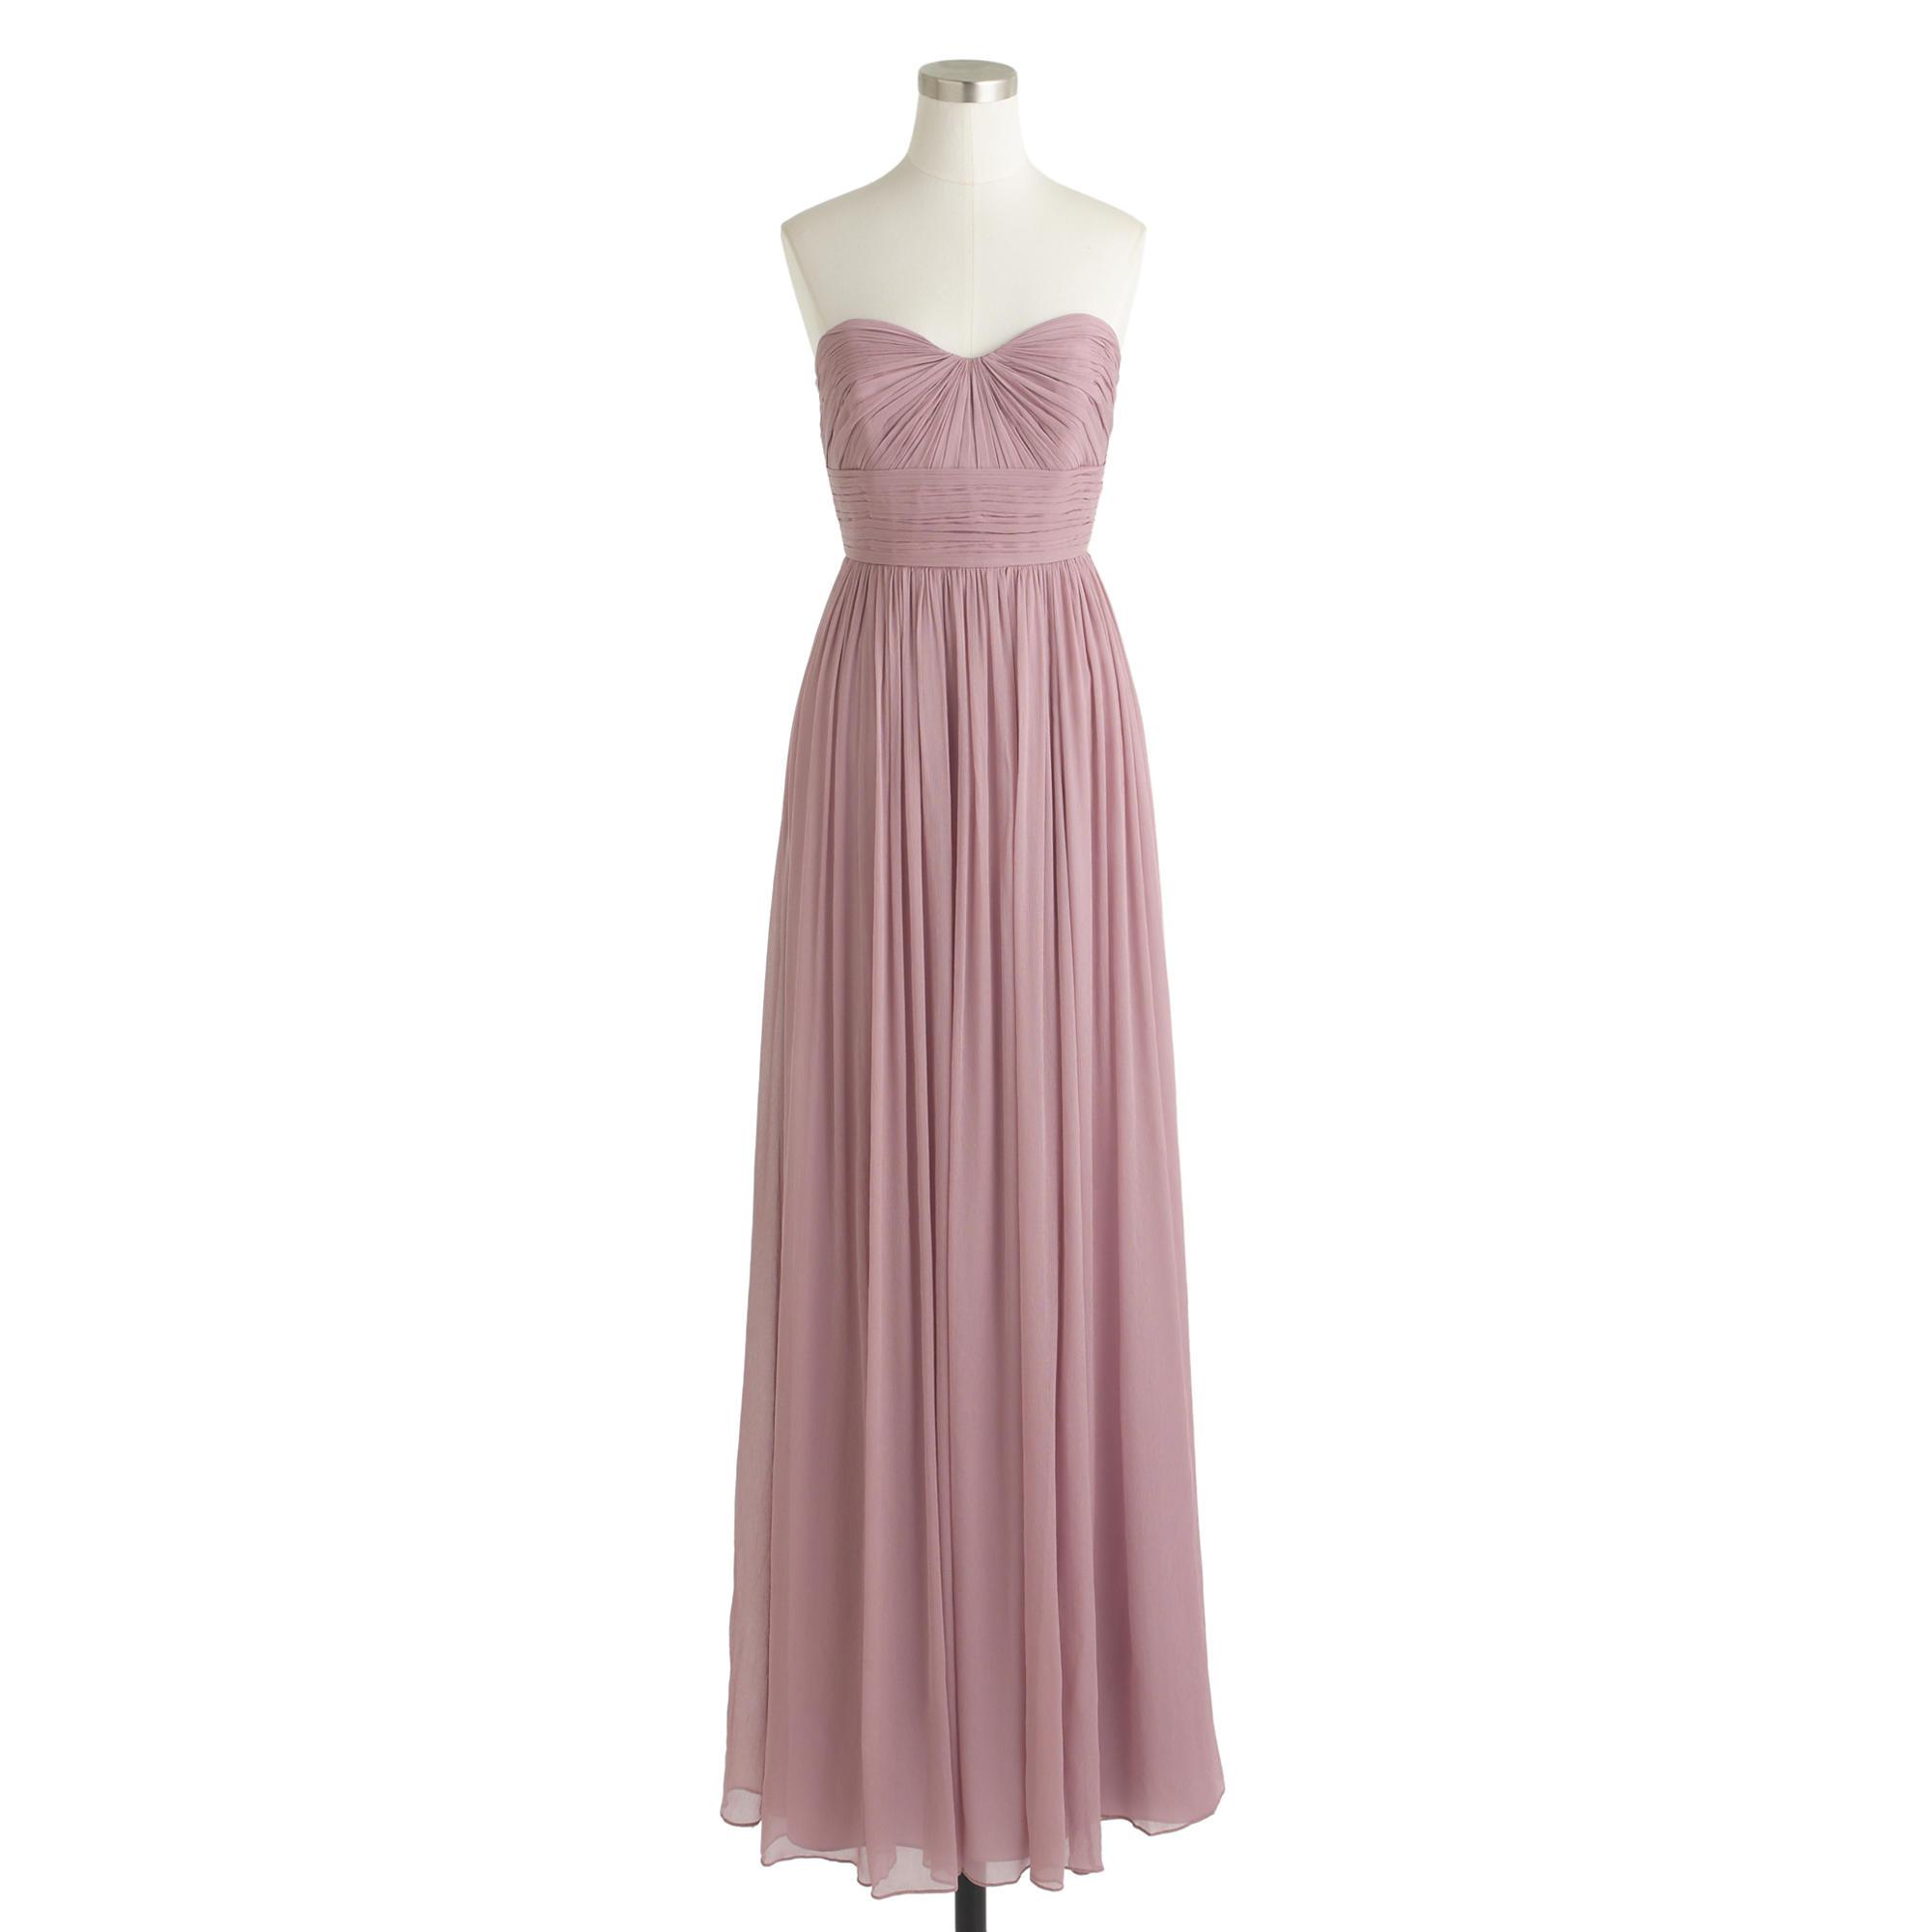 Lyst - J.Crew Marbella Long Dress In Silk Chiffon in Purple